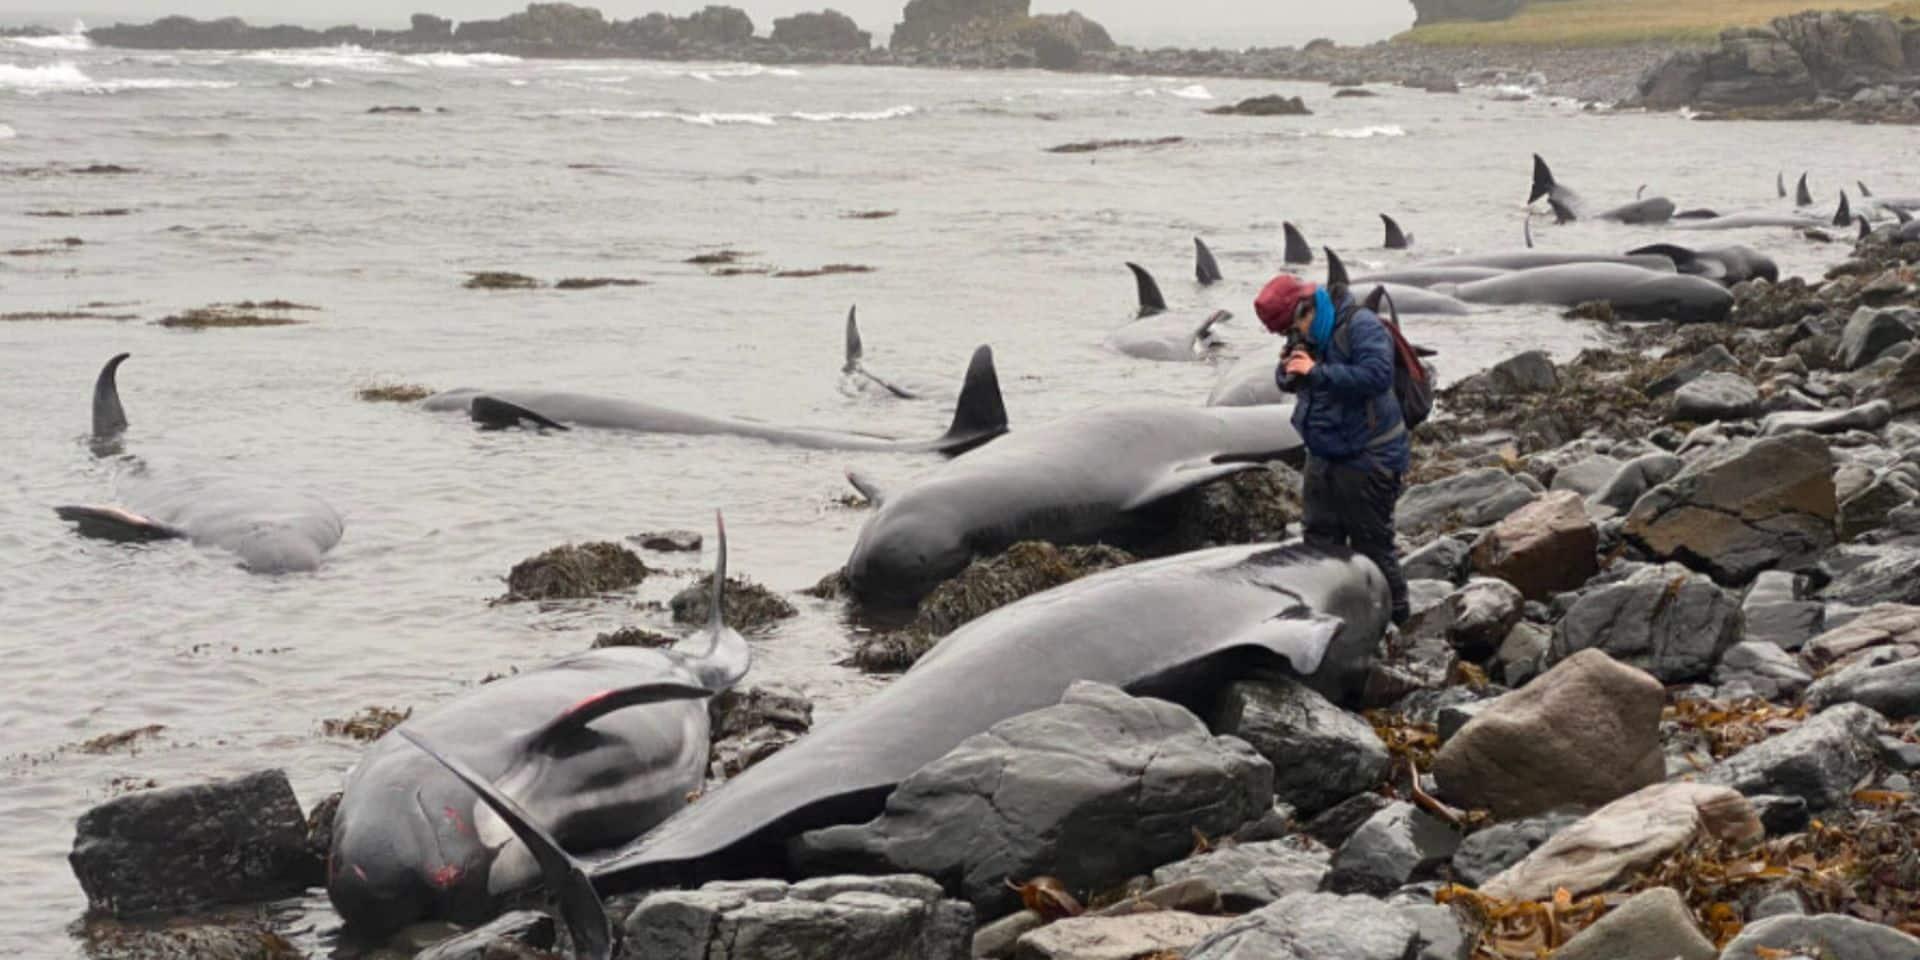 Terribles images: une cinquantaine de baleines s'échouent en Islande